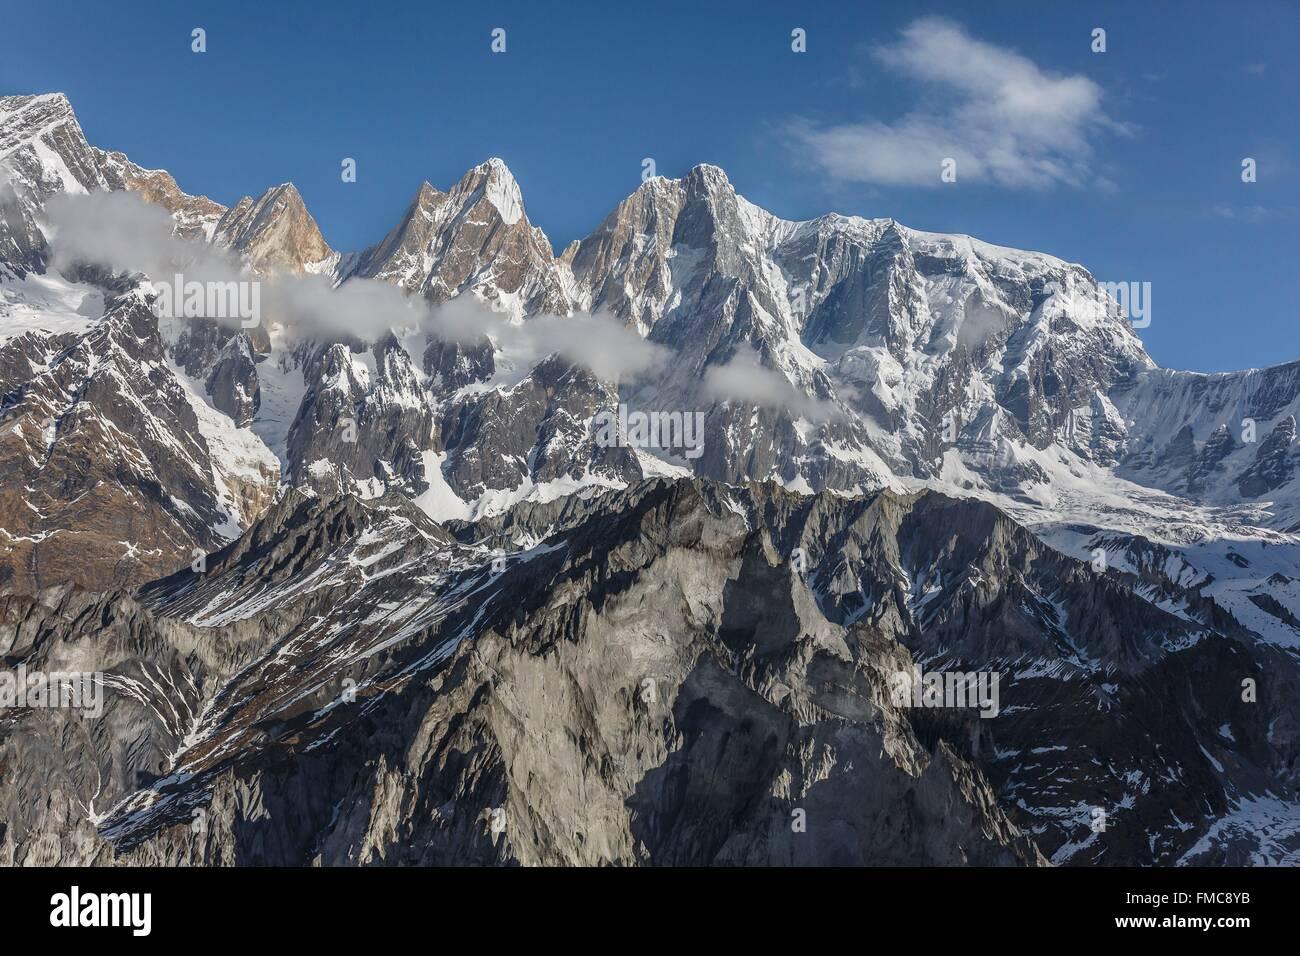 Nepal, Gandaki zone, Pokhara, Annapurna III 7555 m (aerial view) - Stock Image